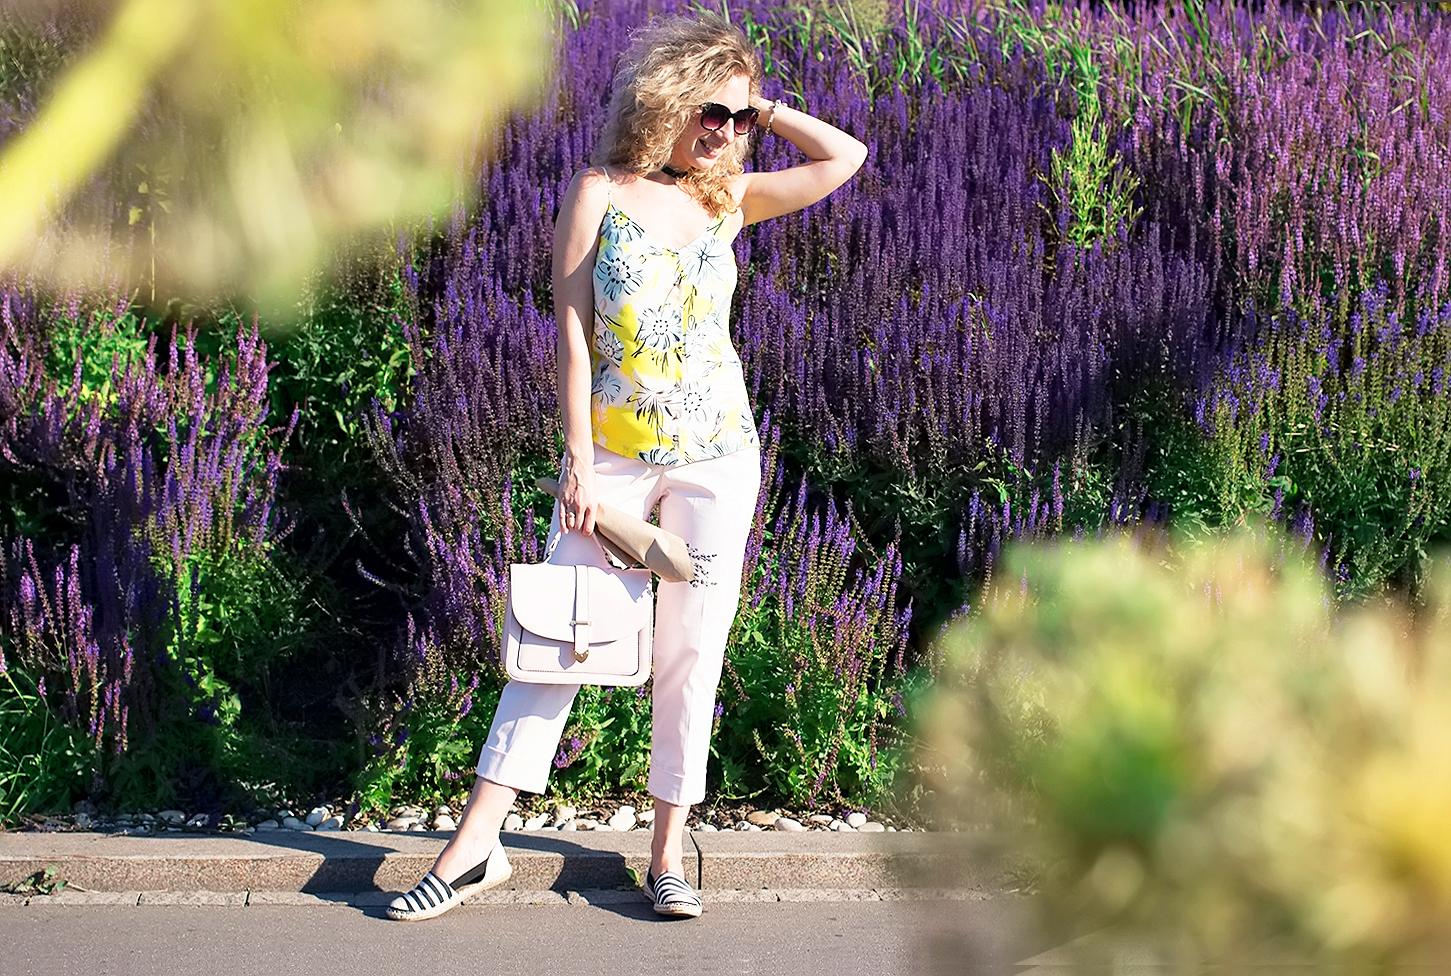 pastel_summer_look_rose_quartz_pants_margarita_maslova13